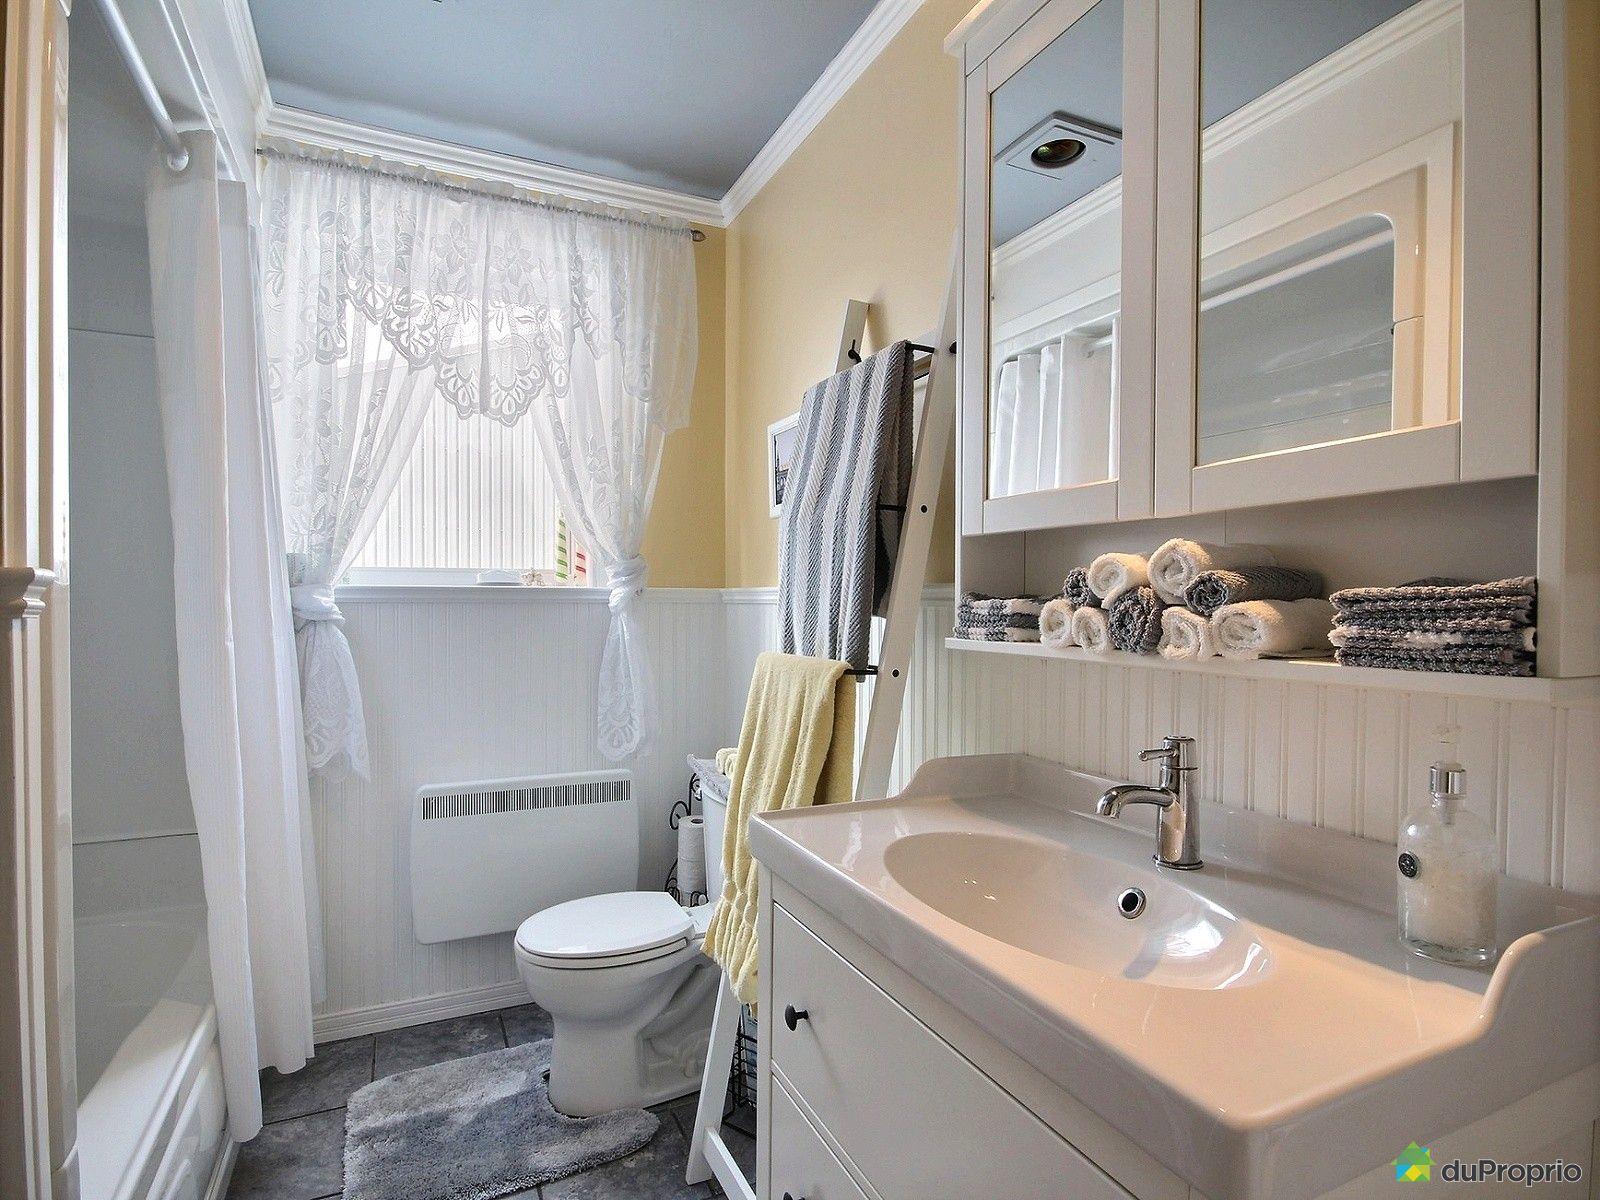 Carreler la salle de bains 2 - Un gars une fille dans la salle de bain ...